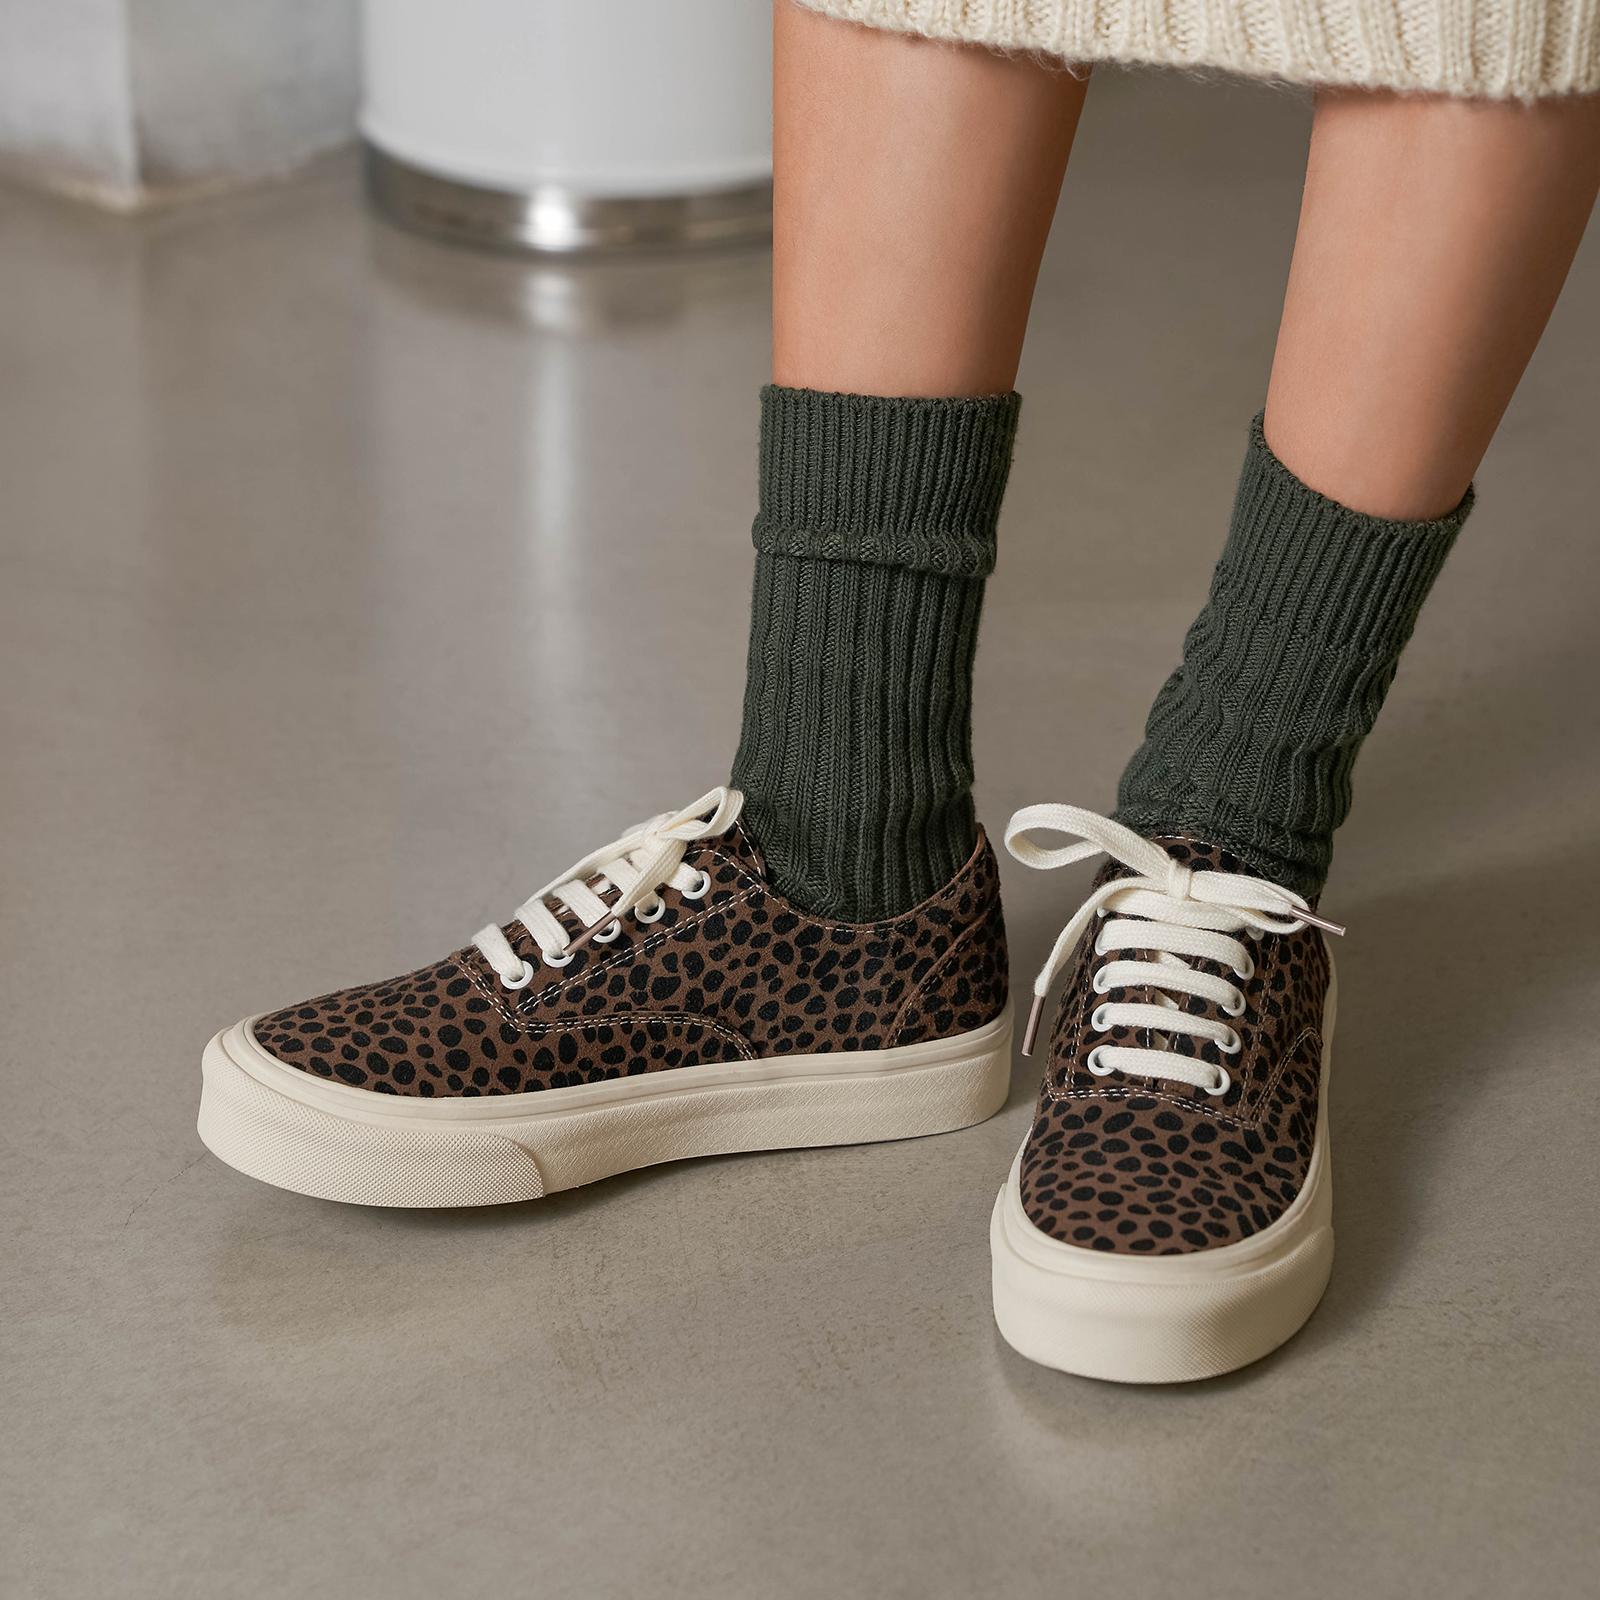 玛速主义 2021新款豹纹低帮帆布鞋女夏小众真皮平底休闲板鞋ins潮 No.1